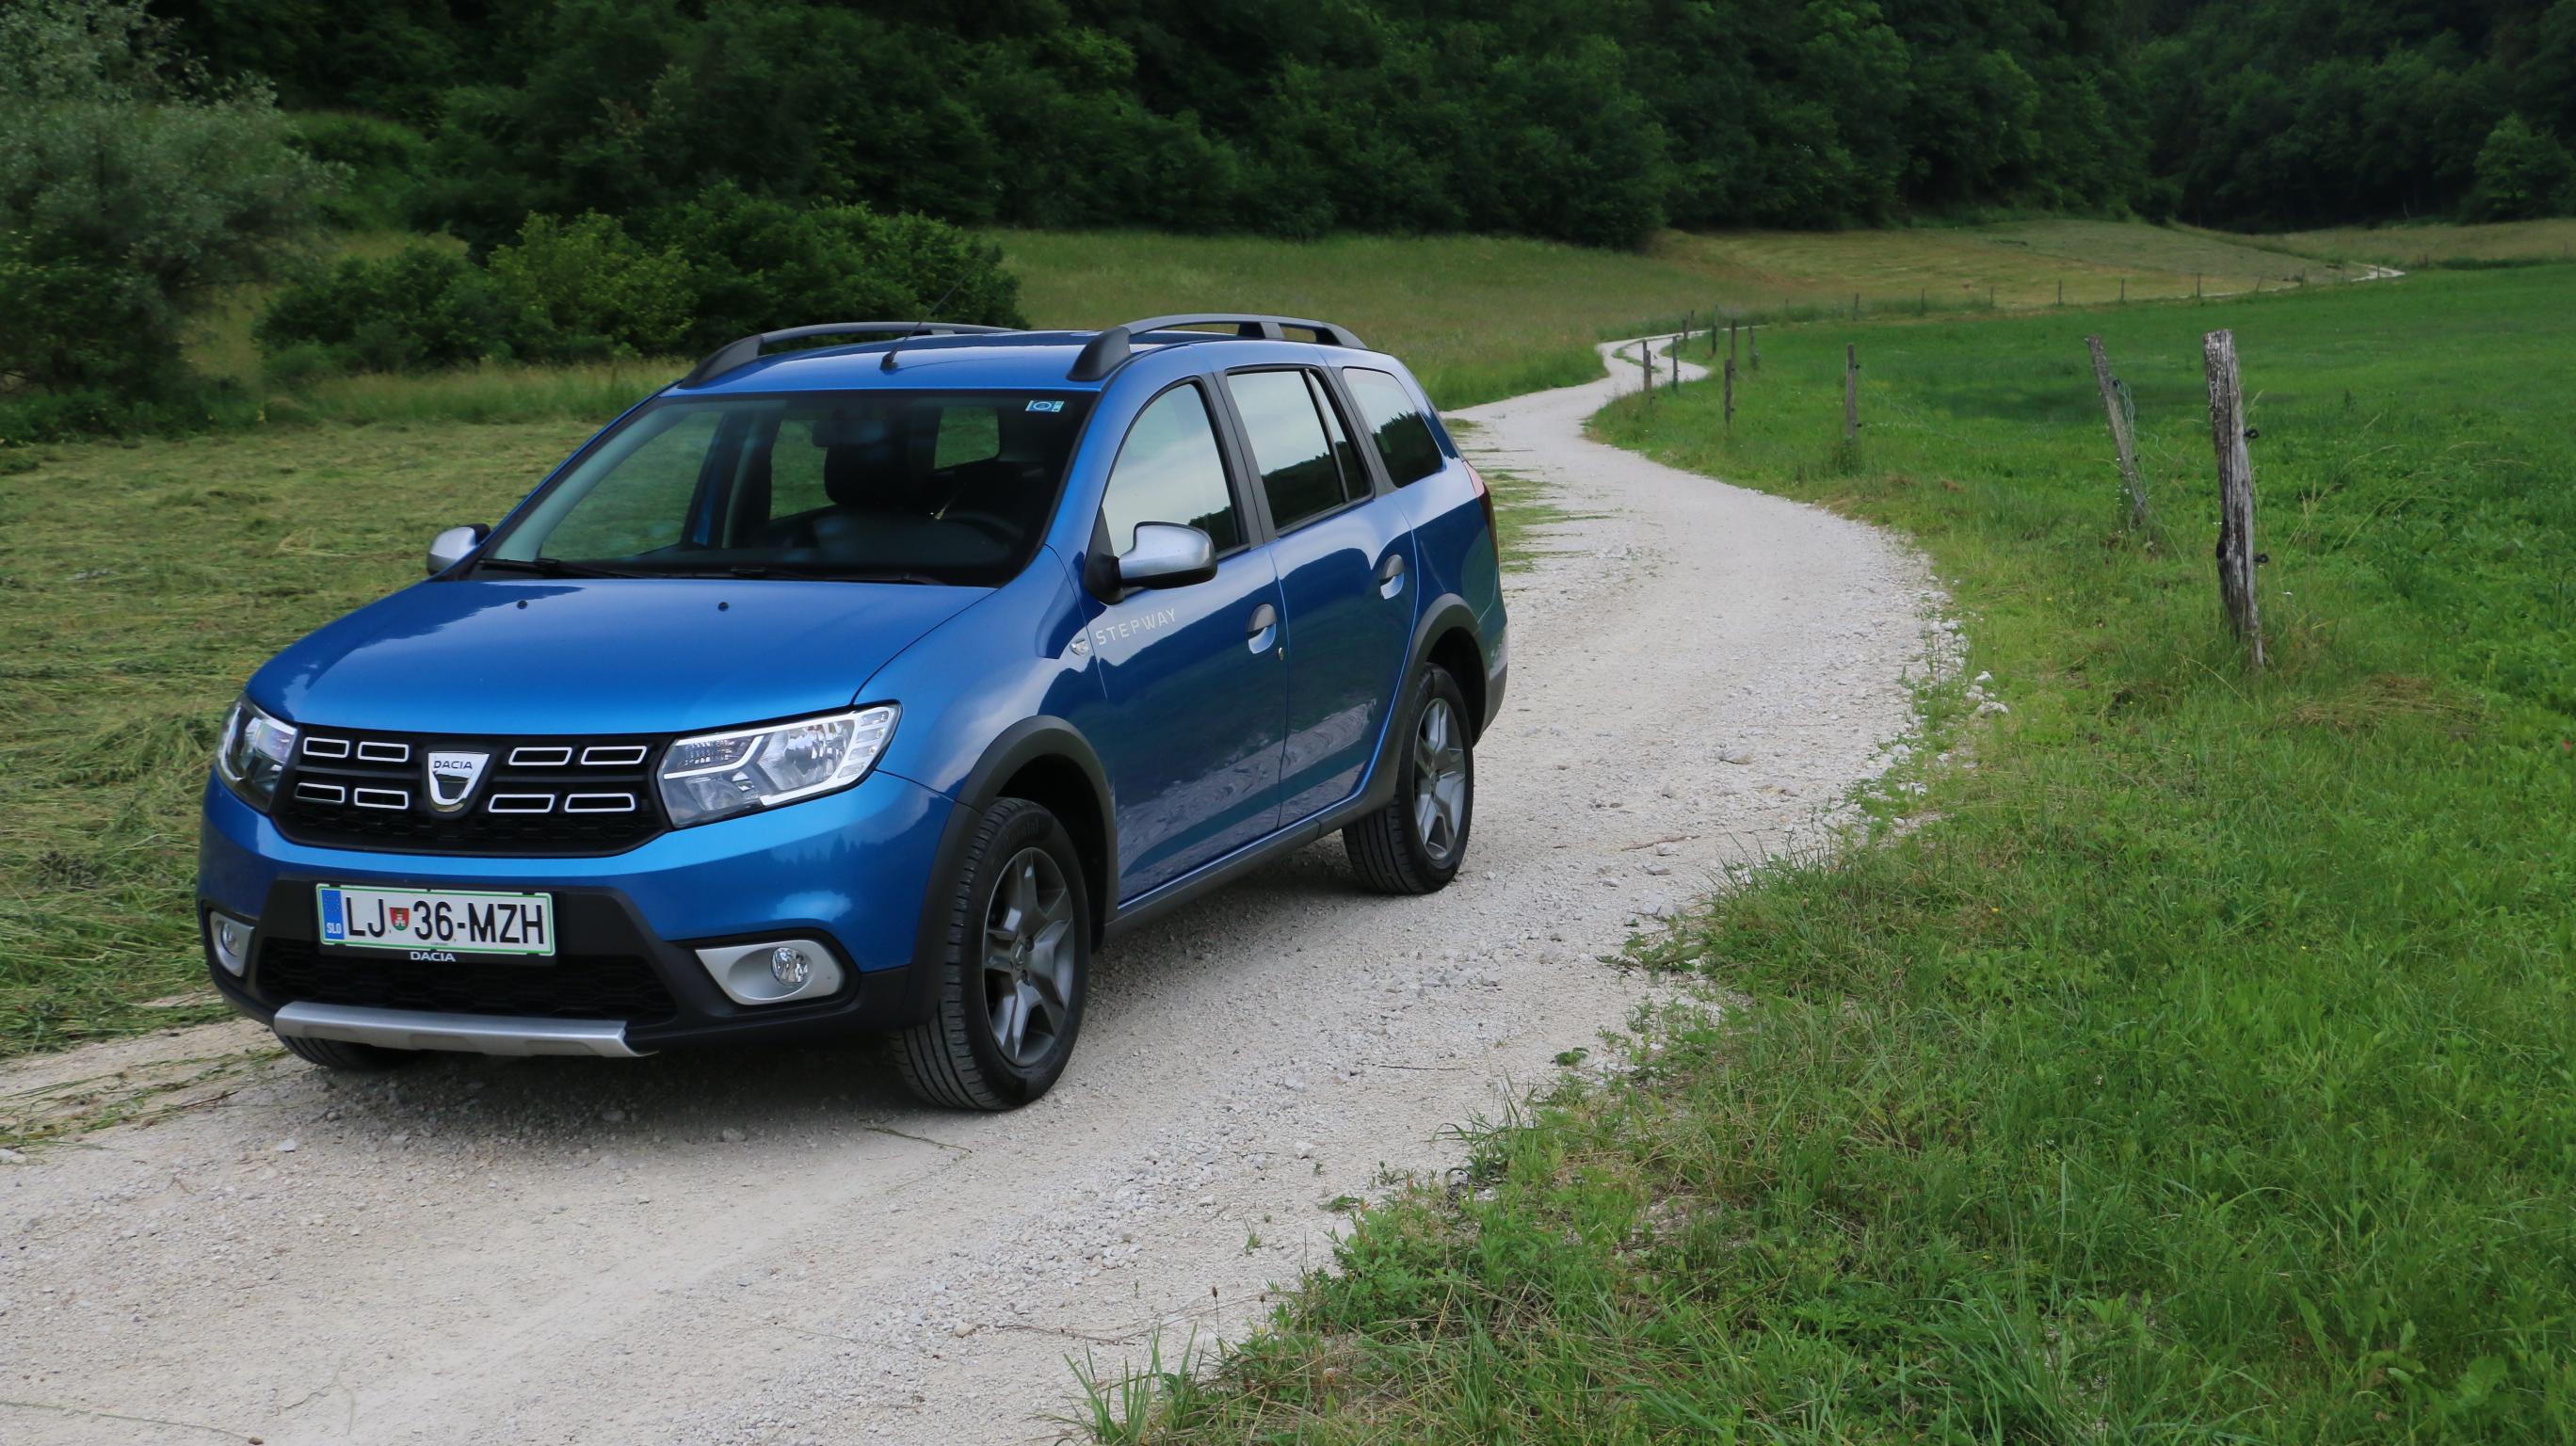 Dacia logan MCV: Za prve korake po brezpotju